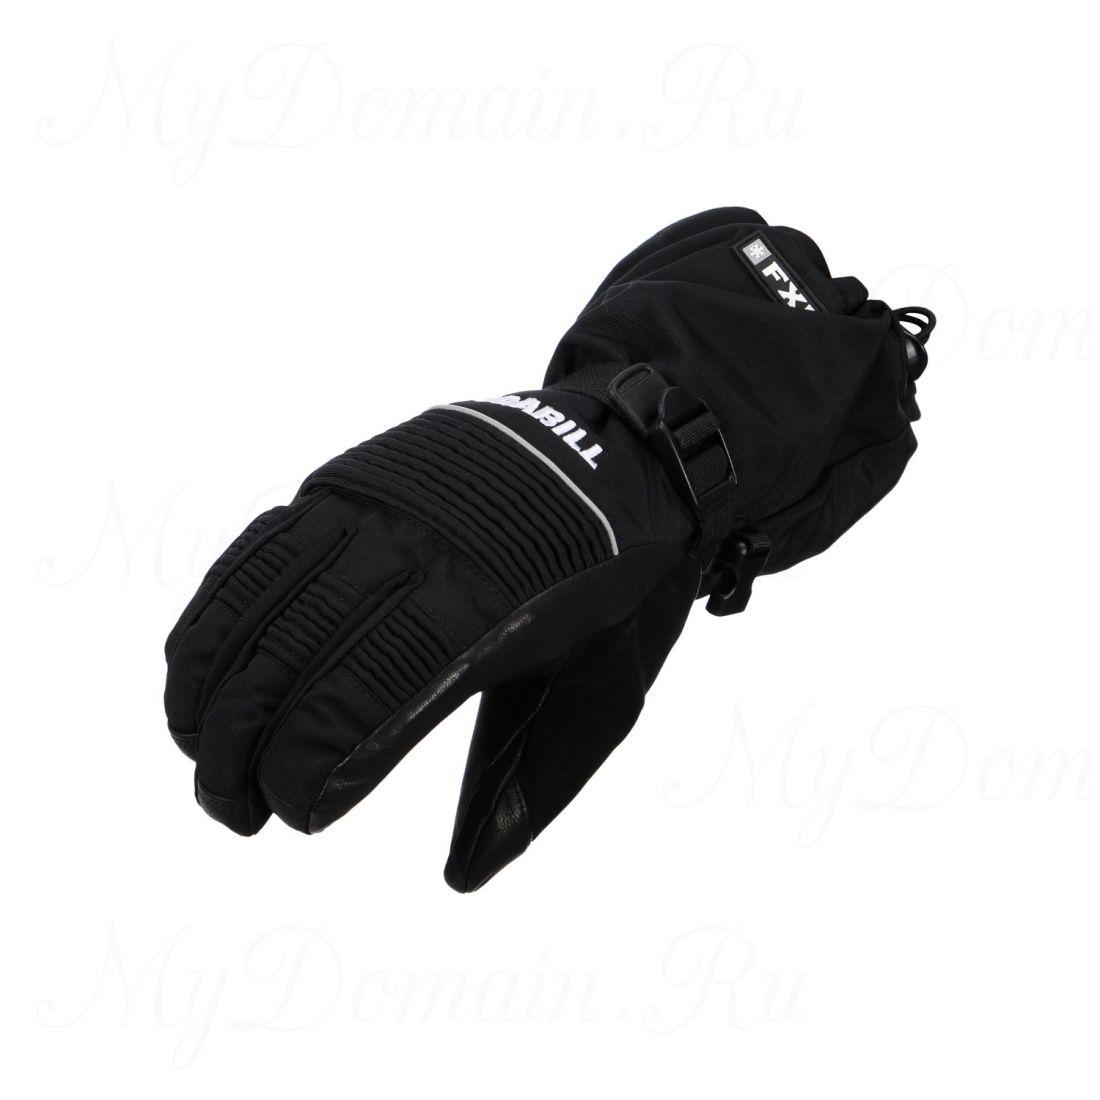 Перчатки Frabill FXE™ Gauntlet GLOVE водо/ветрозащитные дышащие кожа черные размер L